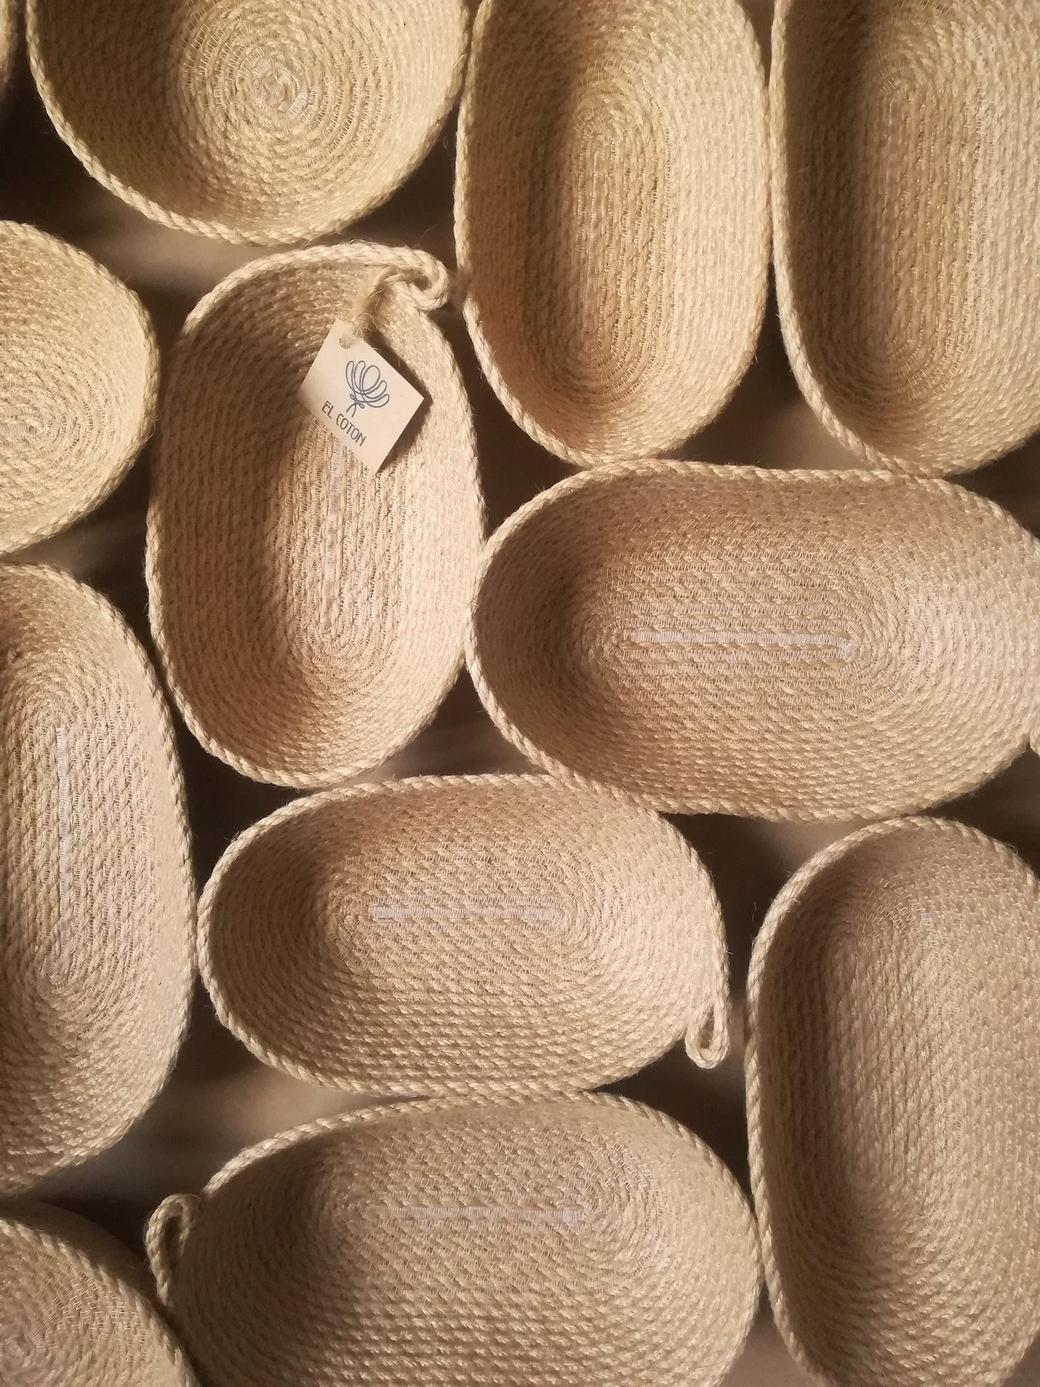 Овальные корзиночки из джута